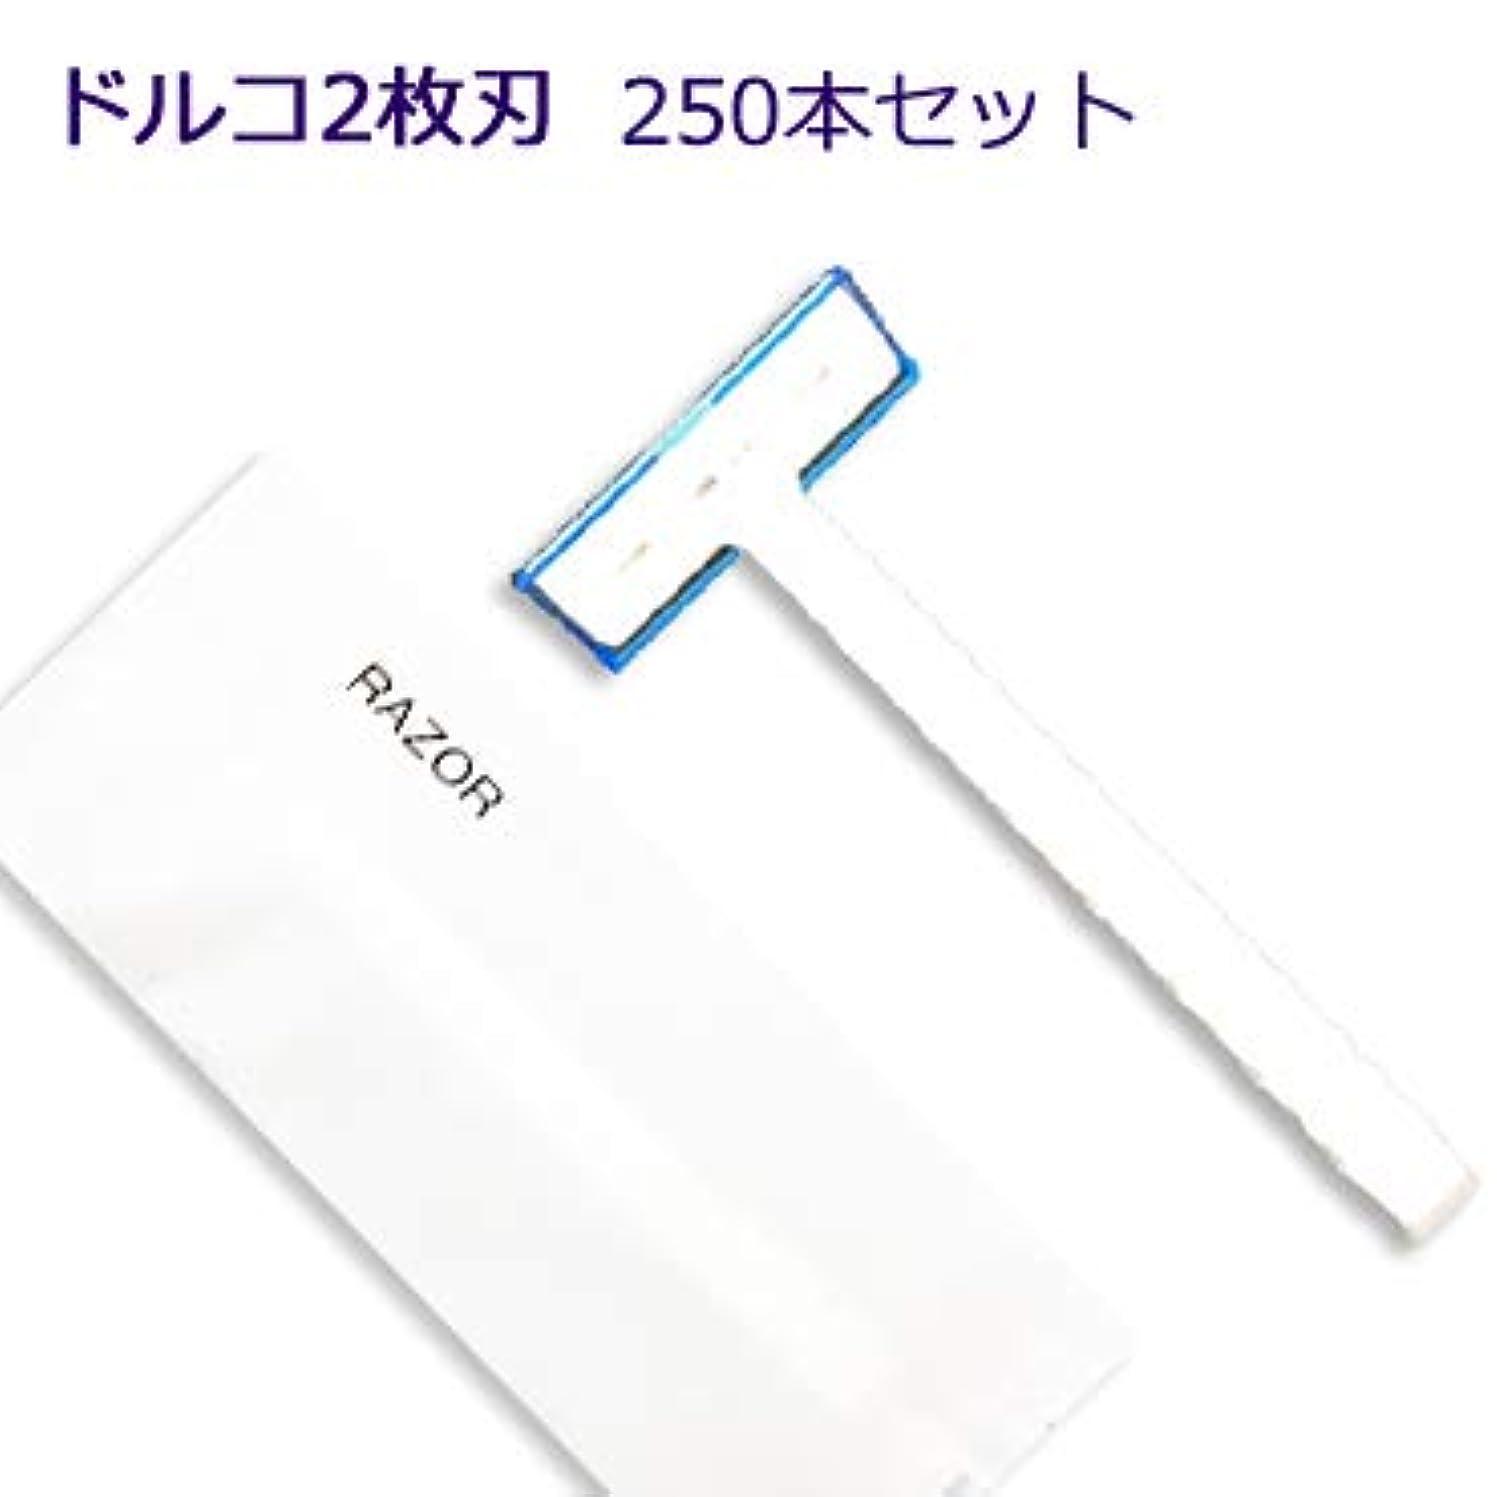 スカーフ専門化する穿孔するホテル業務用 カミソリ マットシリーズ ドルコ 2枚刃 (1セット250個入)